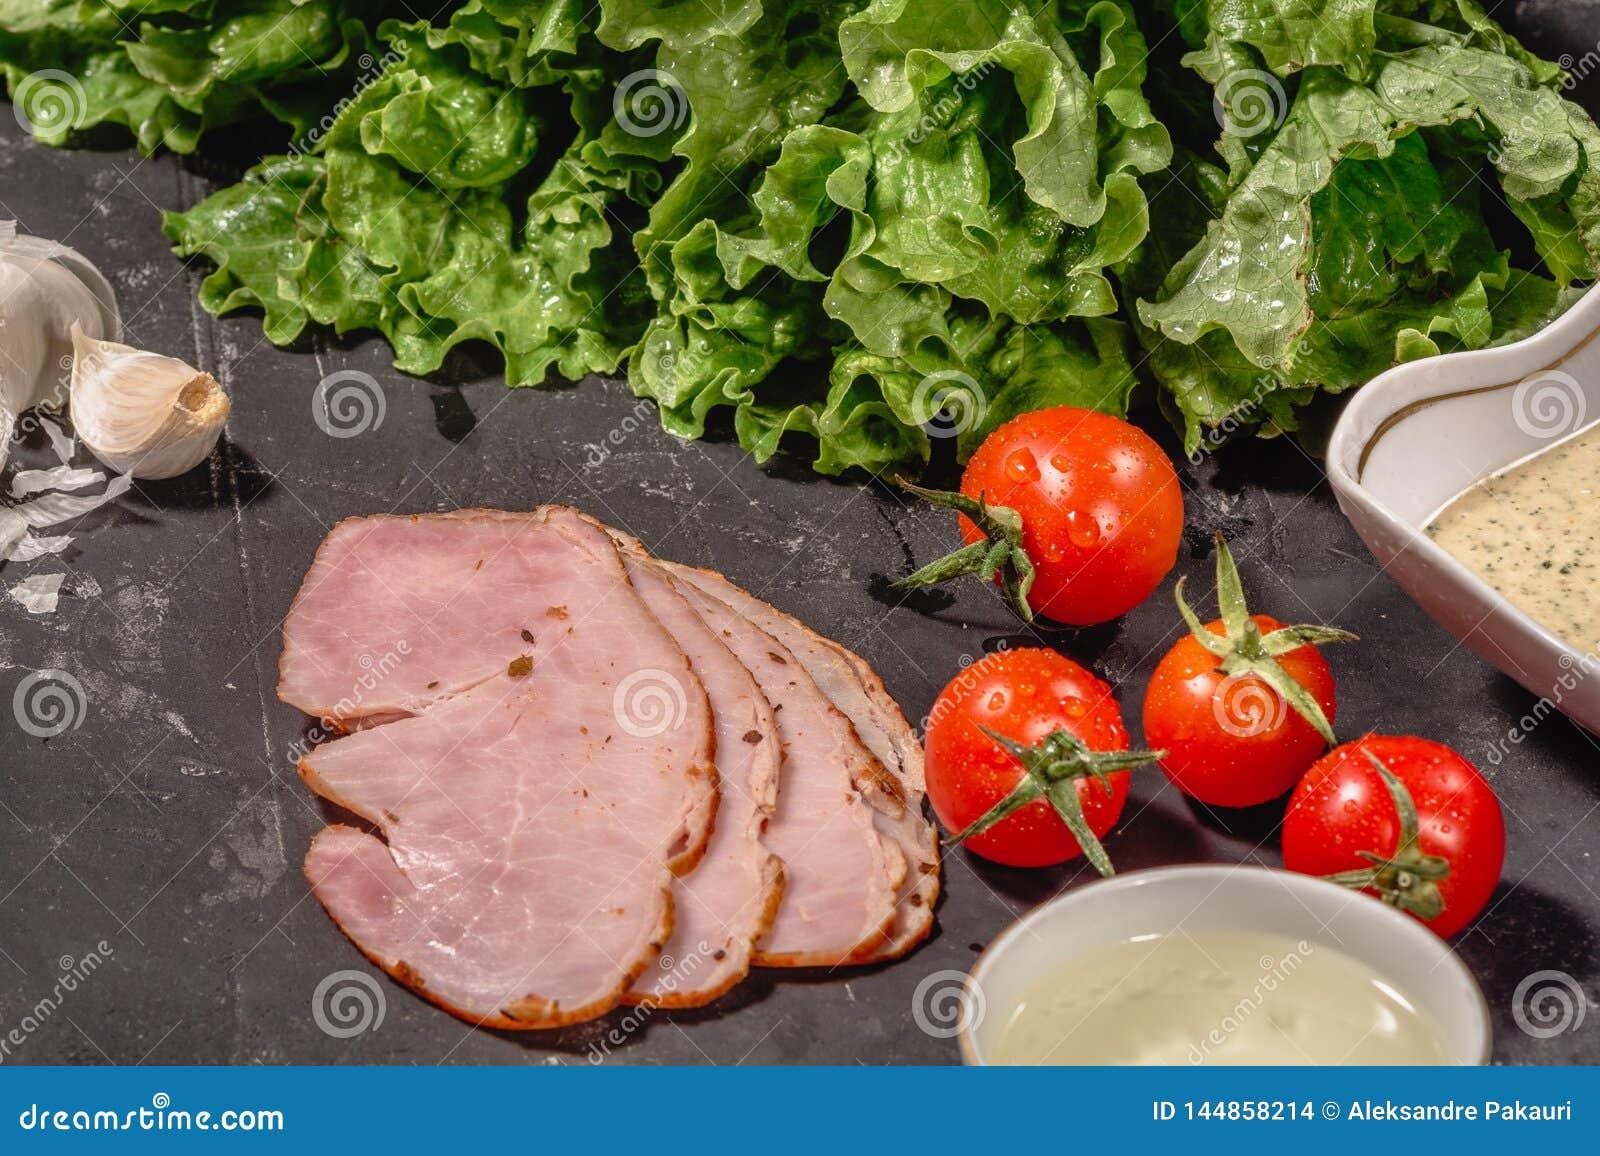 Ingredi?nten voor het koken Italiaanse bruschetta op donkere lijst Italiaanse bruschetta met kersentomaten, kaassaus, saladeblade